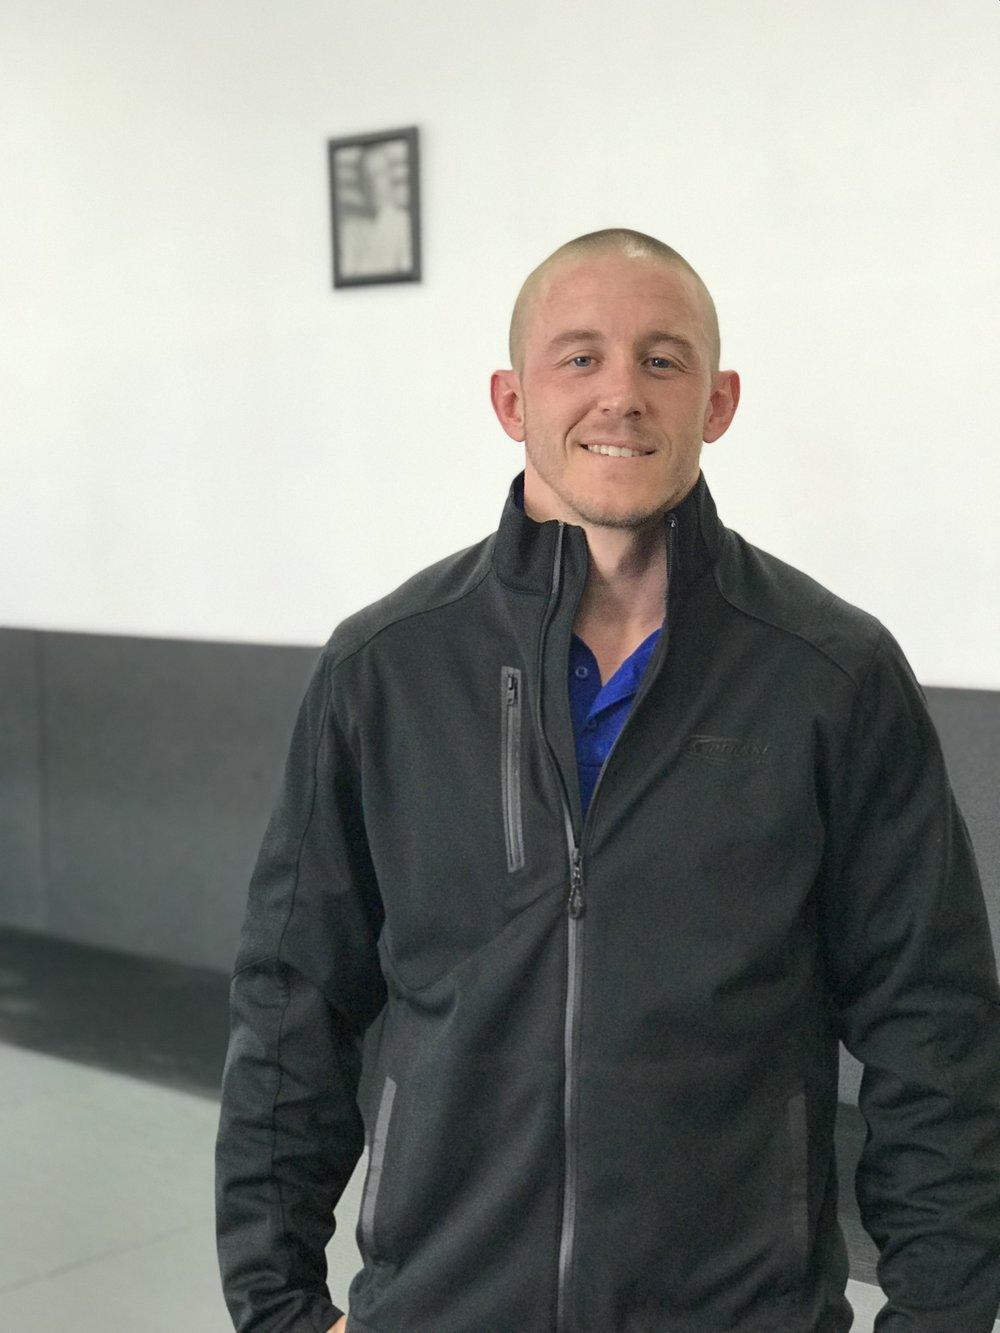 Brazilian Jiu Jitsu student in corona